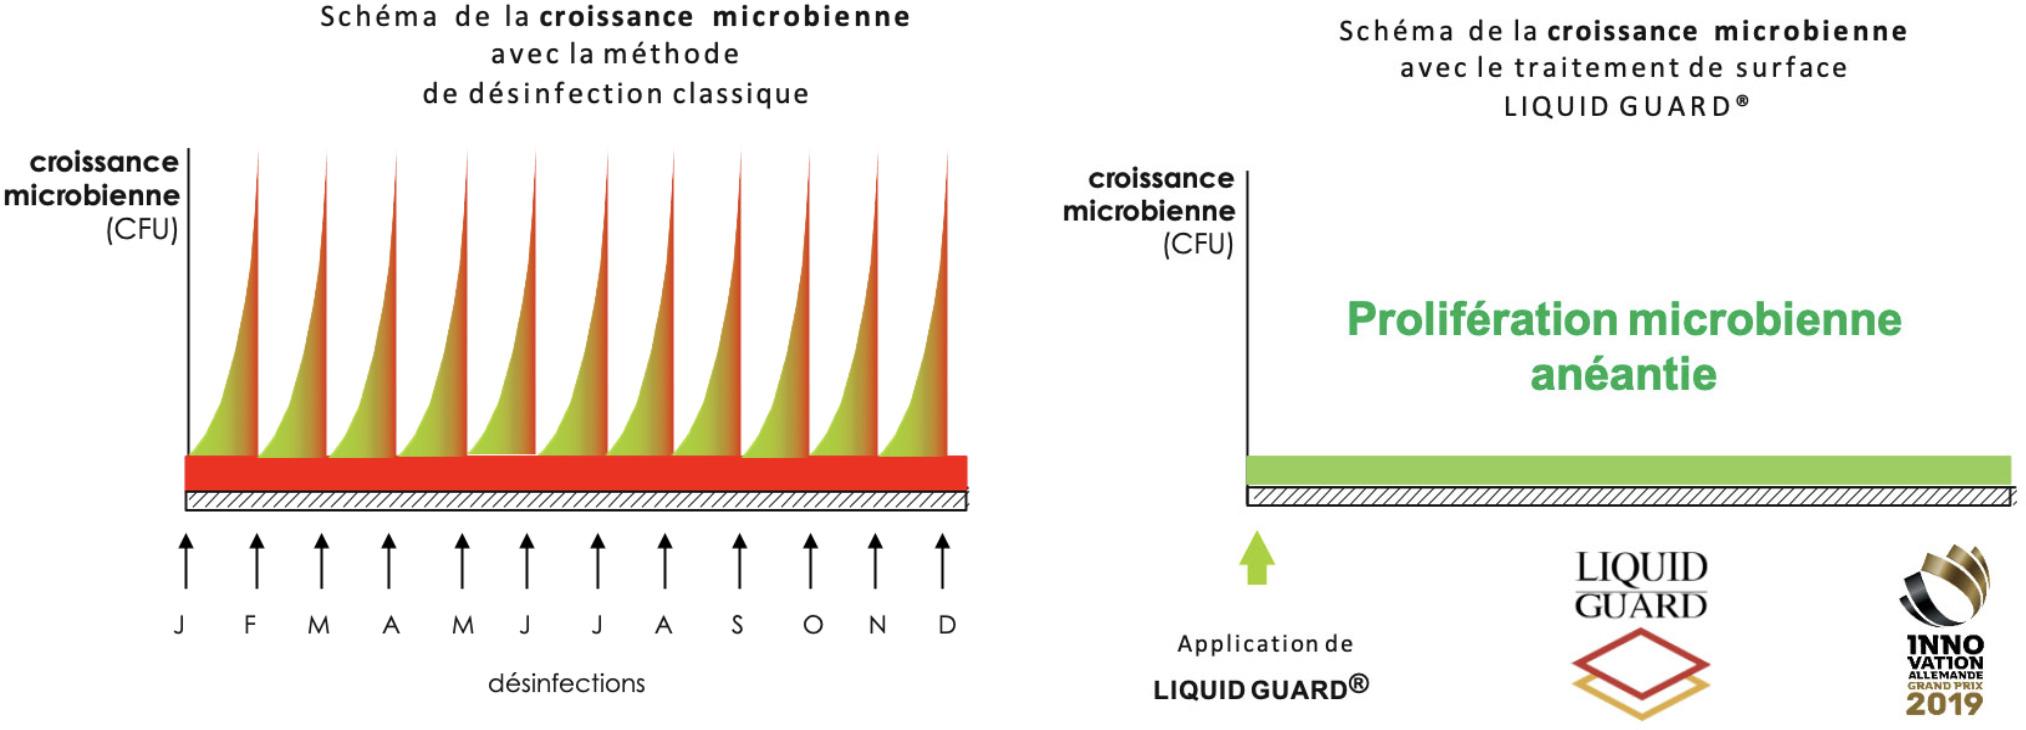 Schéma comparatif de la croissance microbienne entre Liquid Guard et un désinfectant classique